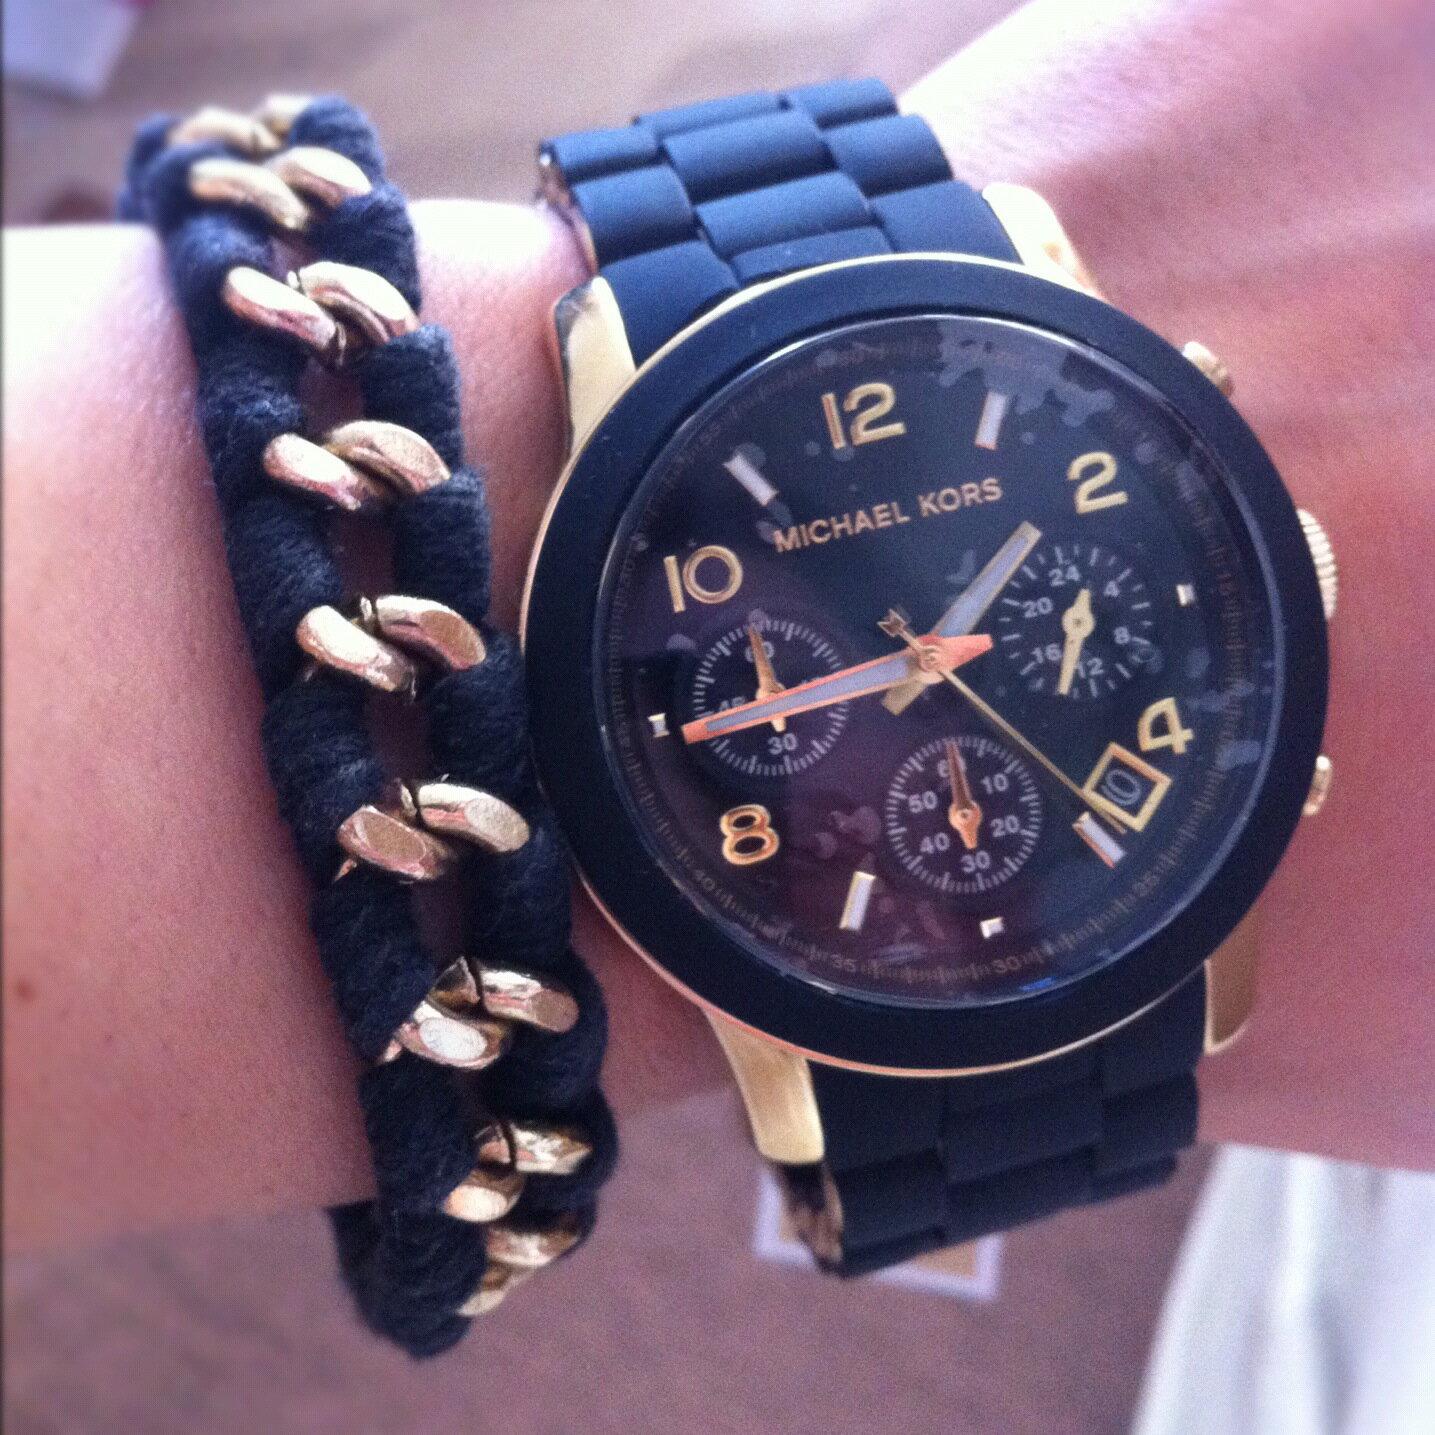 美國Outlet正品代購 MichaelKors MK 黑色橡膠 三環 運動風手錶腕錶 MK5191 6